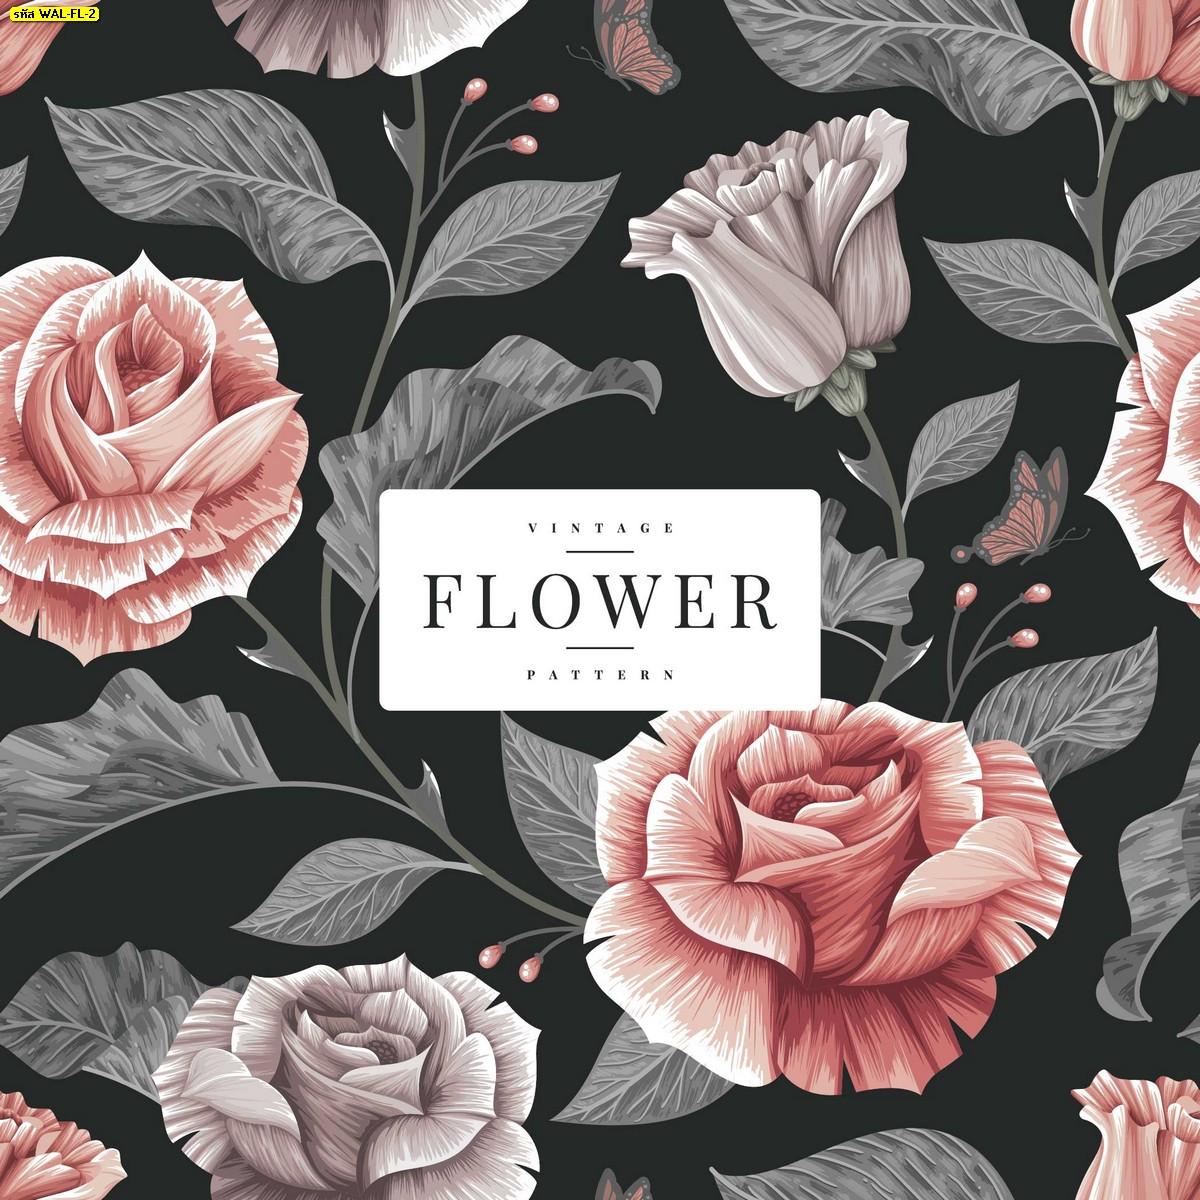 วอลเปเปอร์สั่งพิมพ์ต่อลายดอกไม้วินเทจพื้นสีดำ